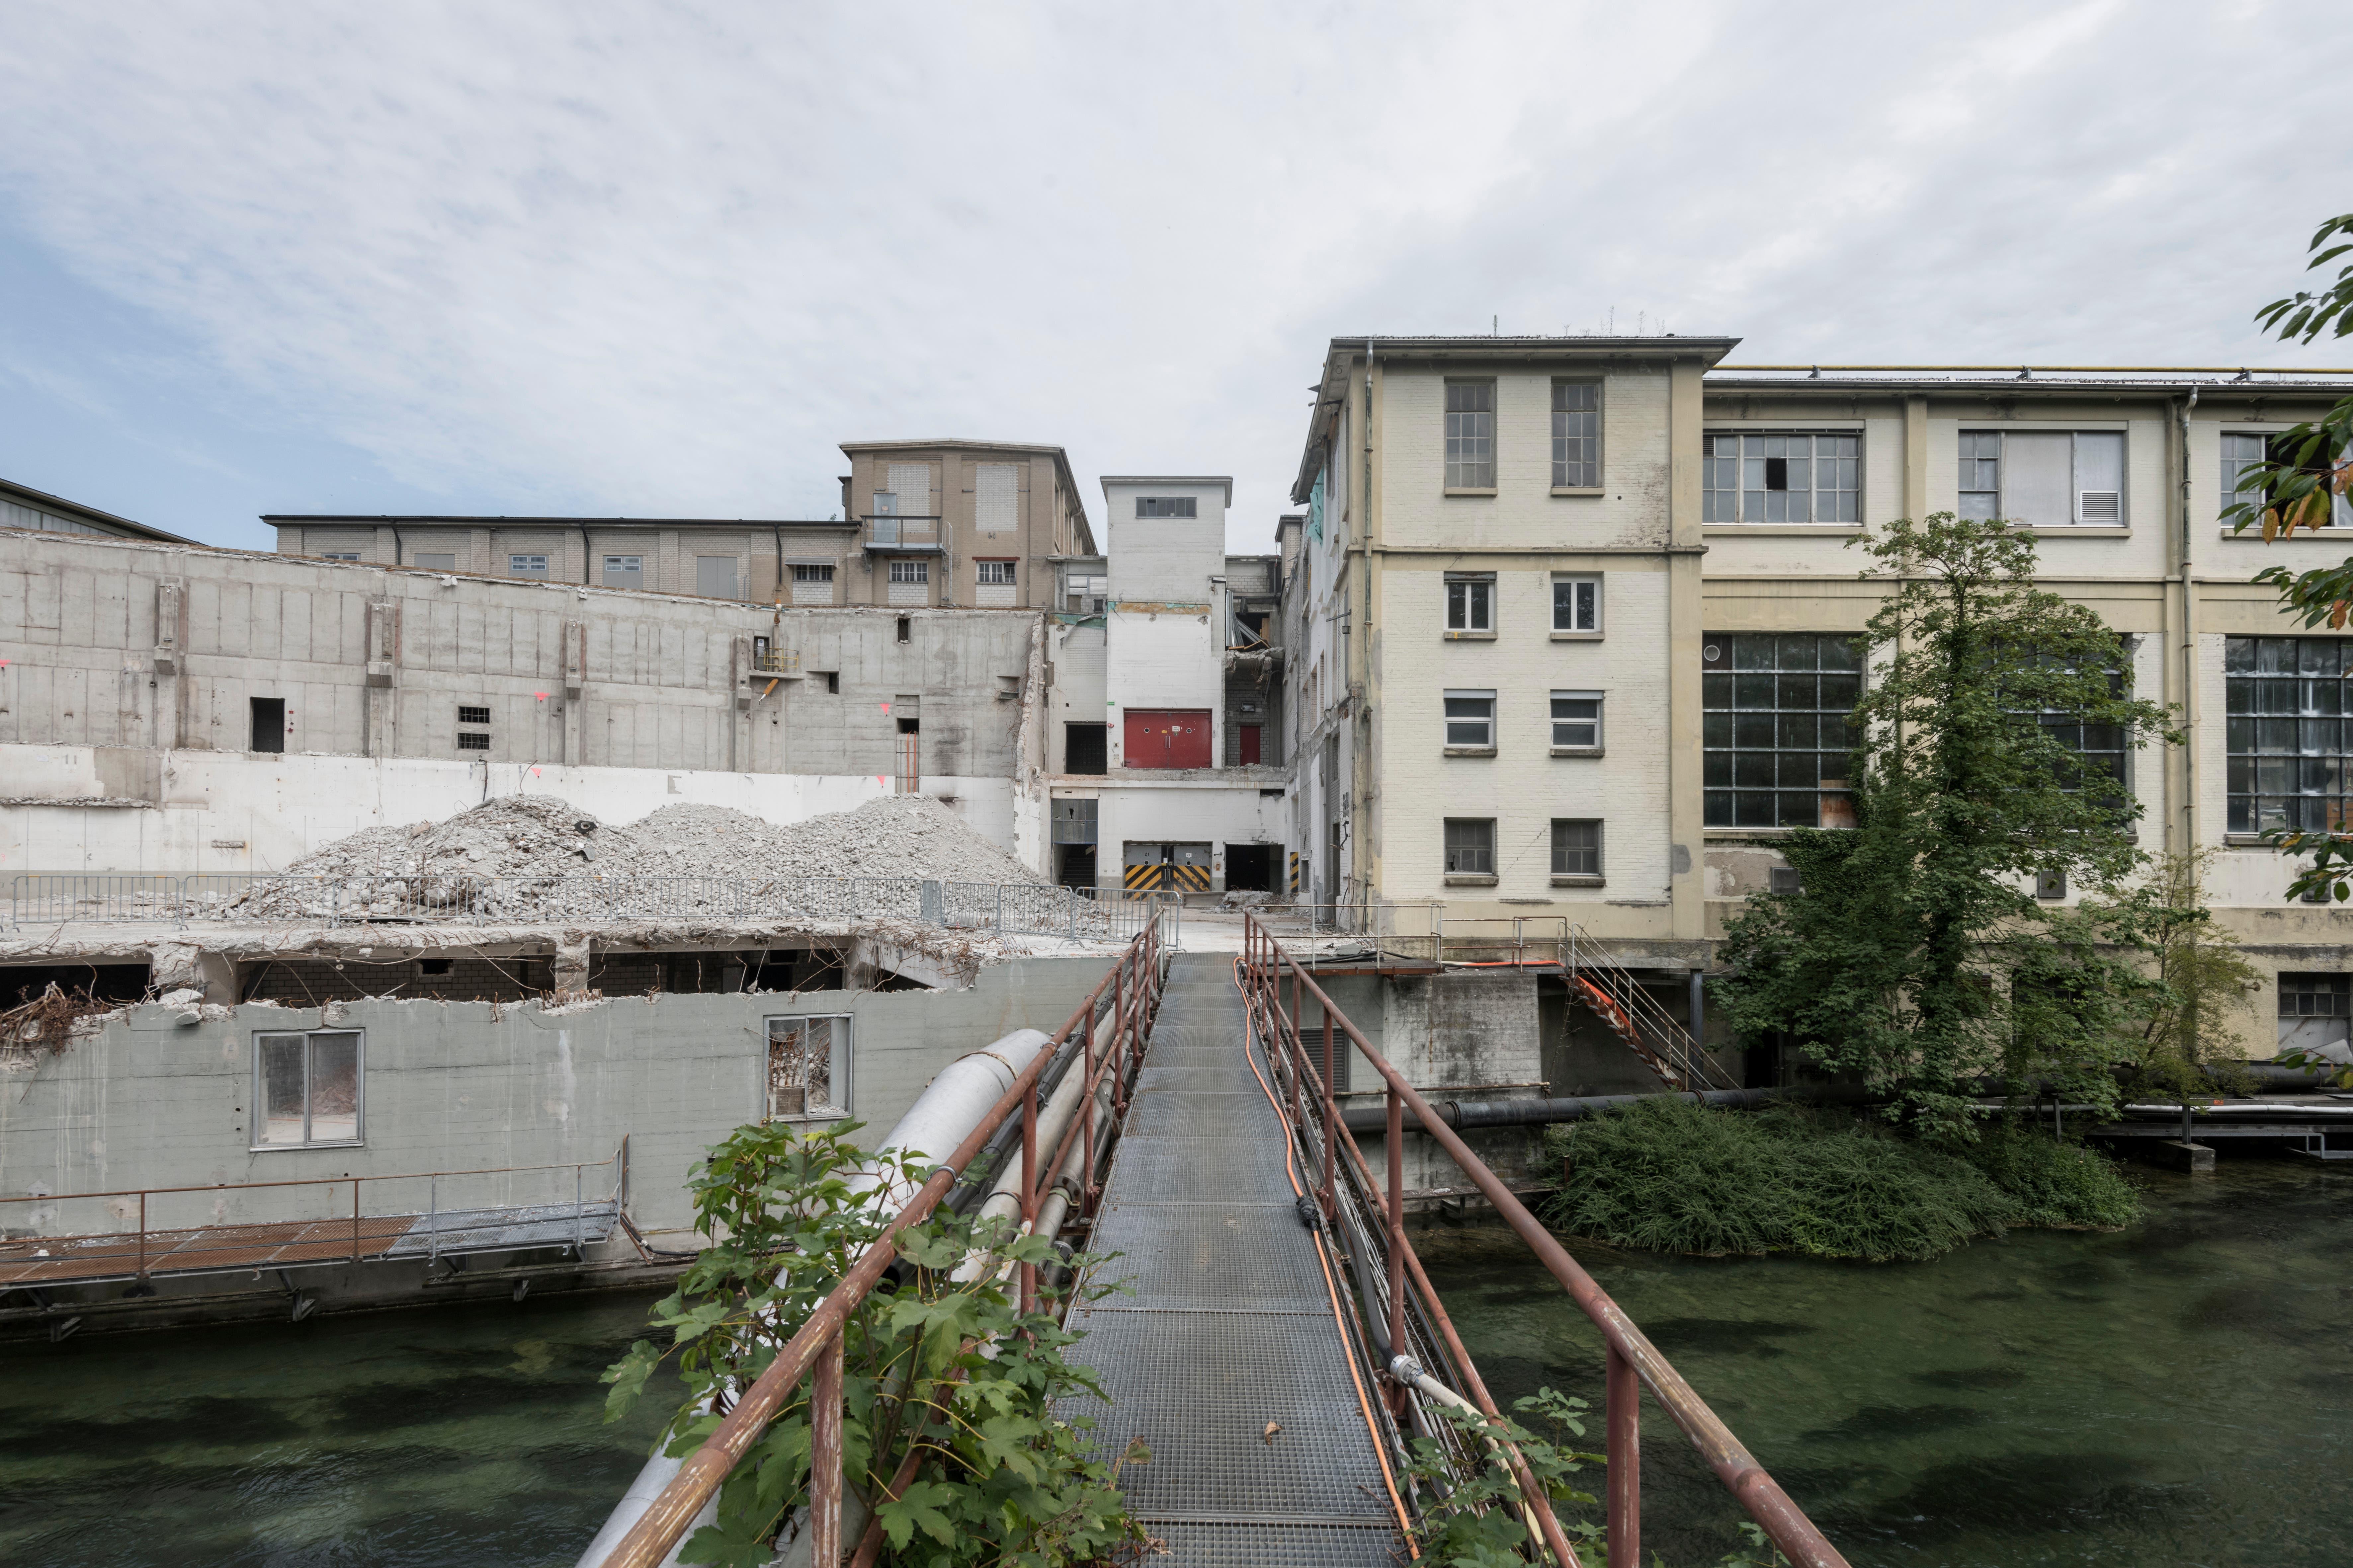 Aktuell sind noch keine Neubauten im Gang, da der Rückbau zuerst abgeschlossen werden soll. (Bild: PD/Beat Bühler, Zürich)